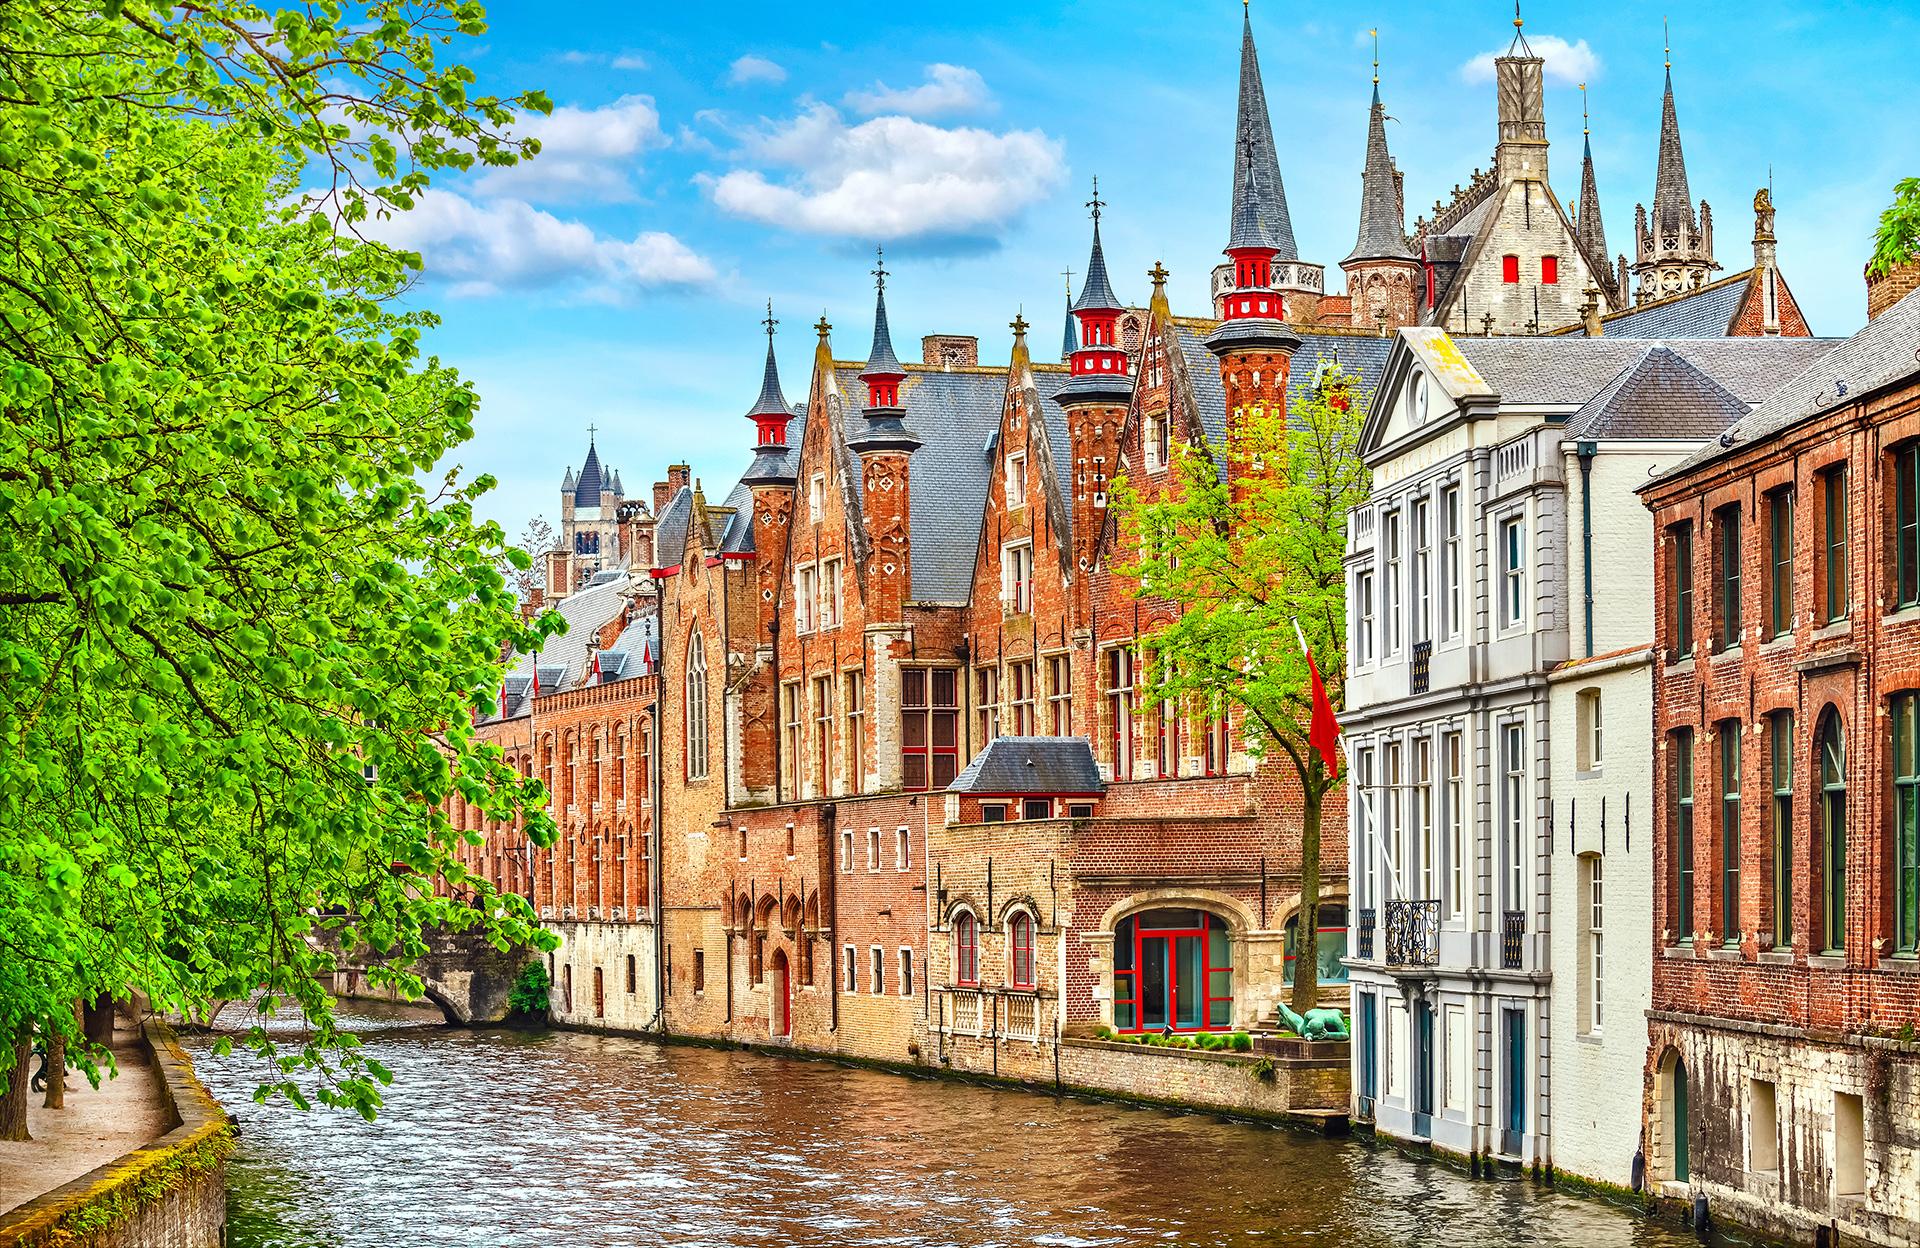 Esta ciudad es Patrimonio de la Humanidad de la Unesco, por lo que mantiene este sentido de la historia que es realmente único. Sus pintorescos canales y casas llevan a los turistas a querer de correr de punta a punta para descubrir jardines y puentes escondidos por la ciudad